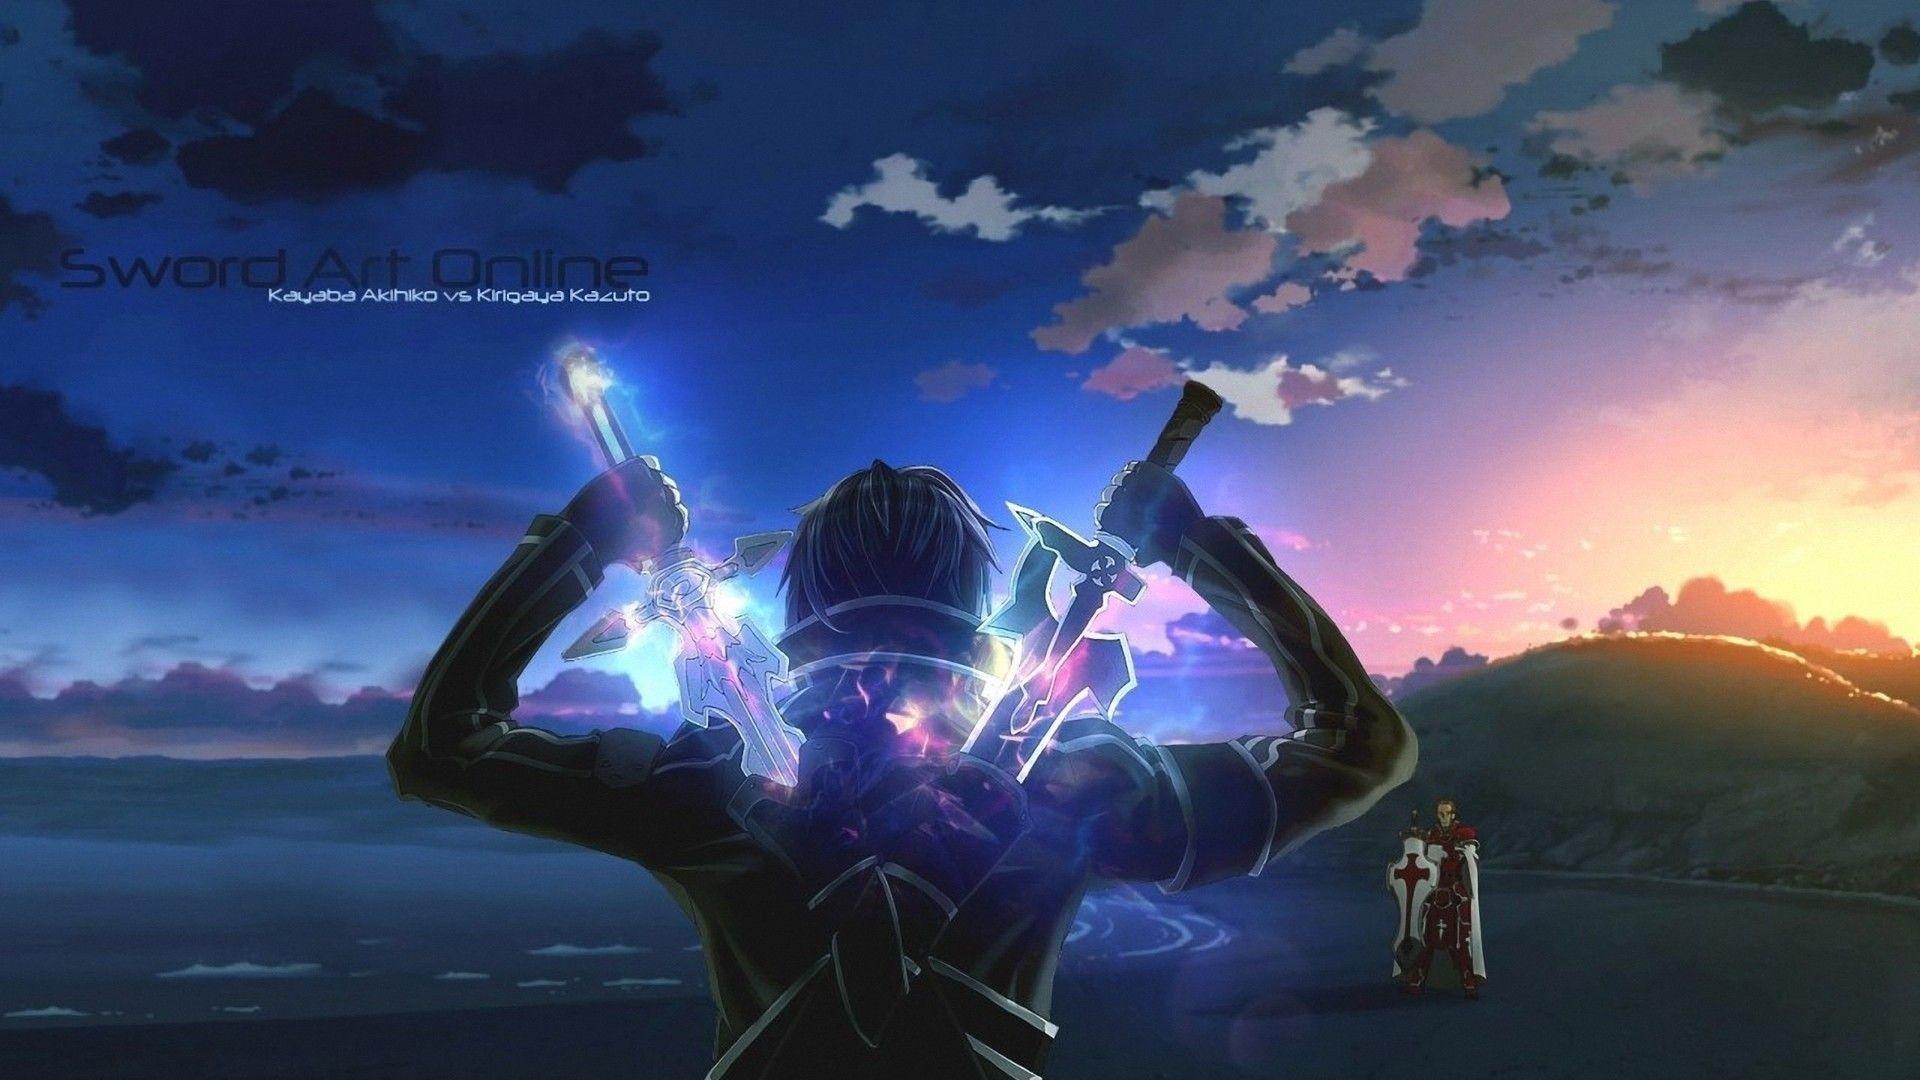 Sword Art Online Wallpapers 83 Pictures